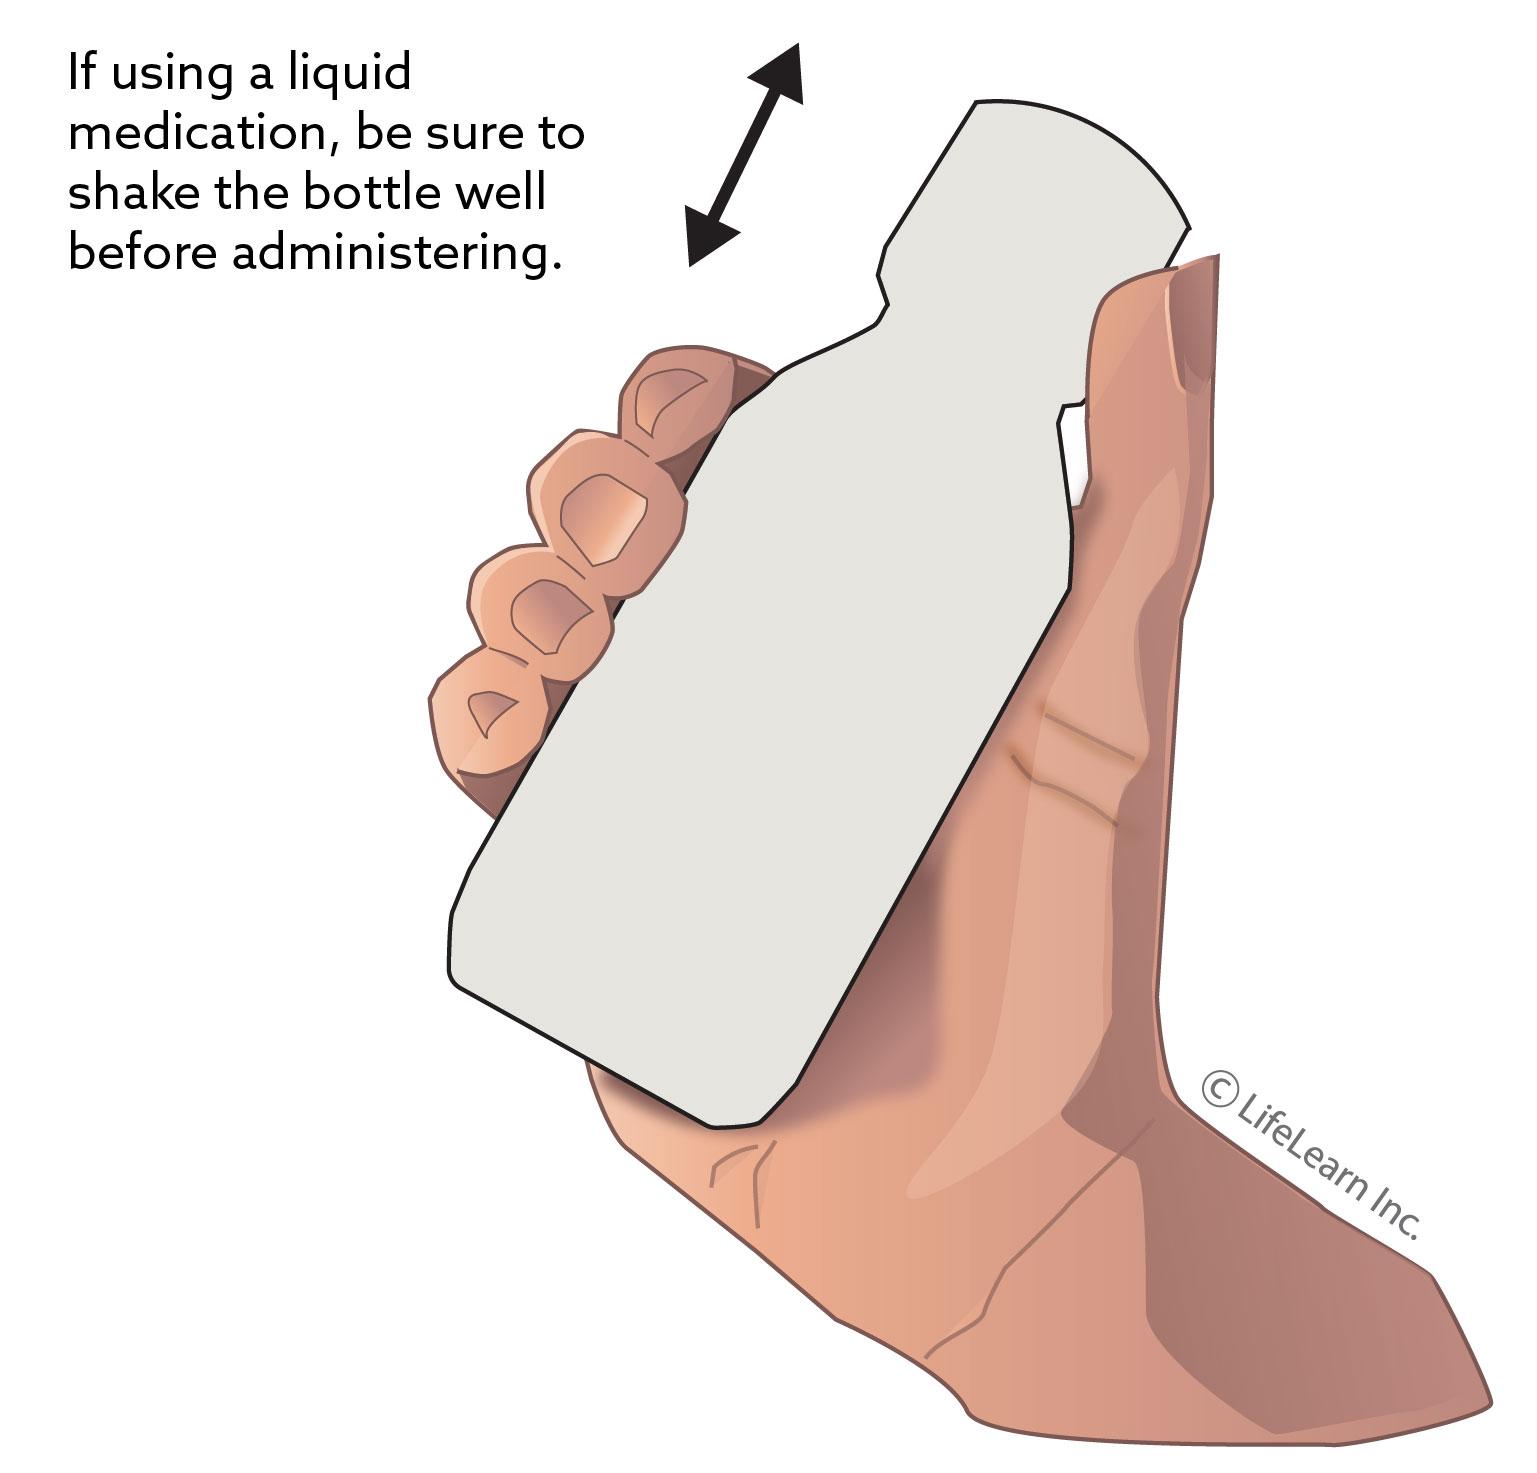 liquid_medication_bottle_shaking_2018-01